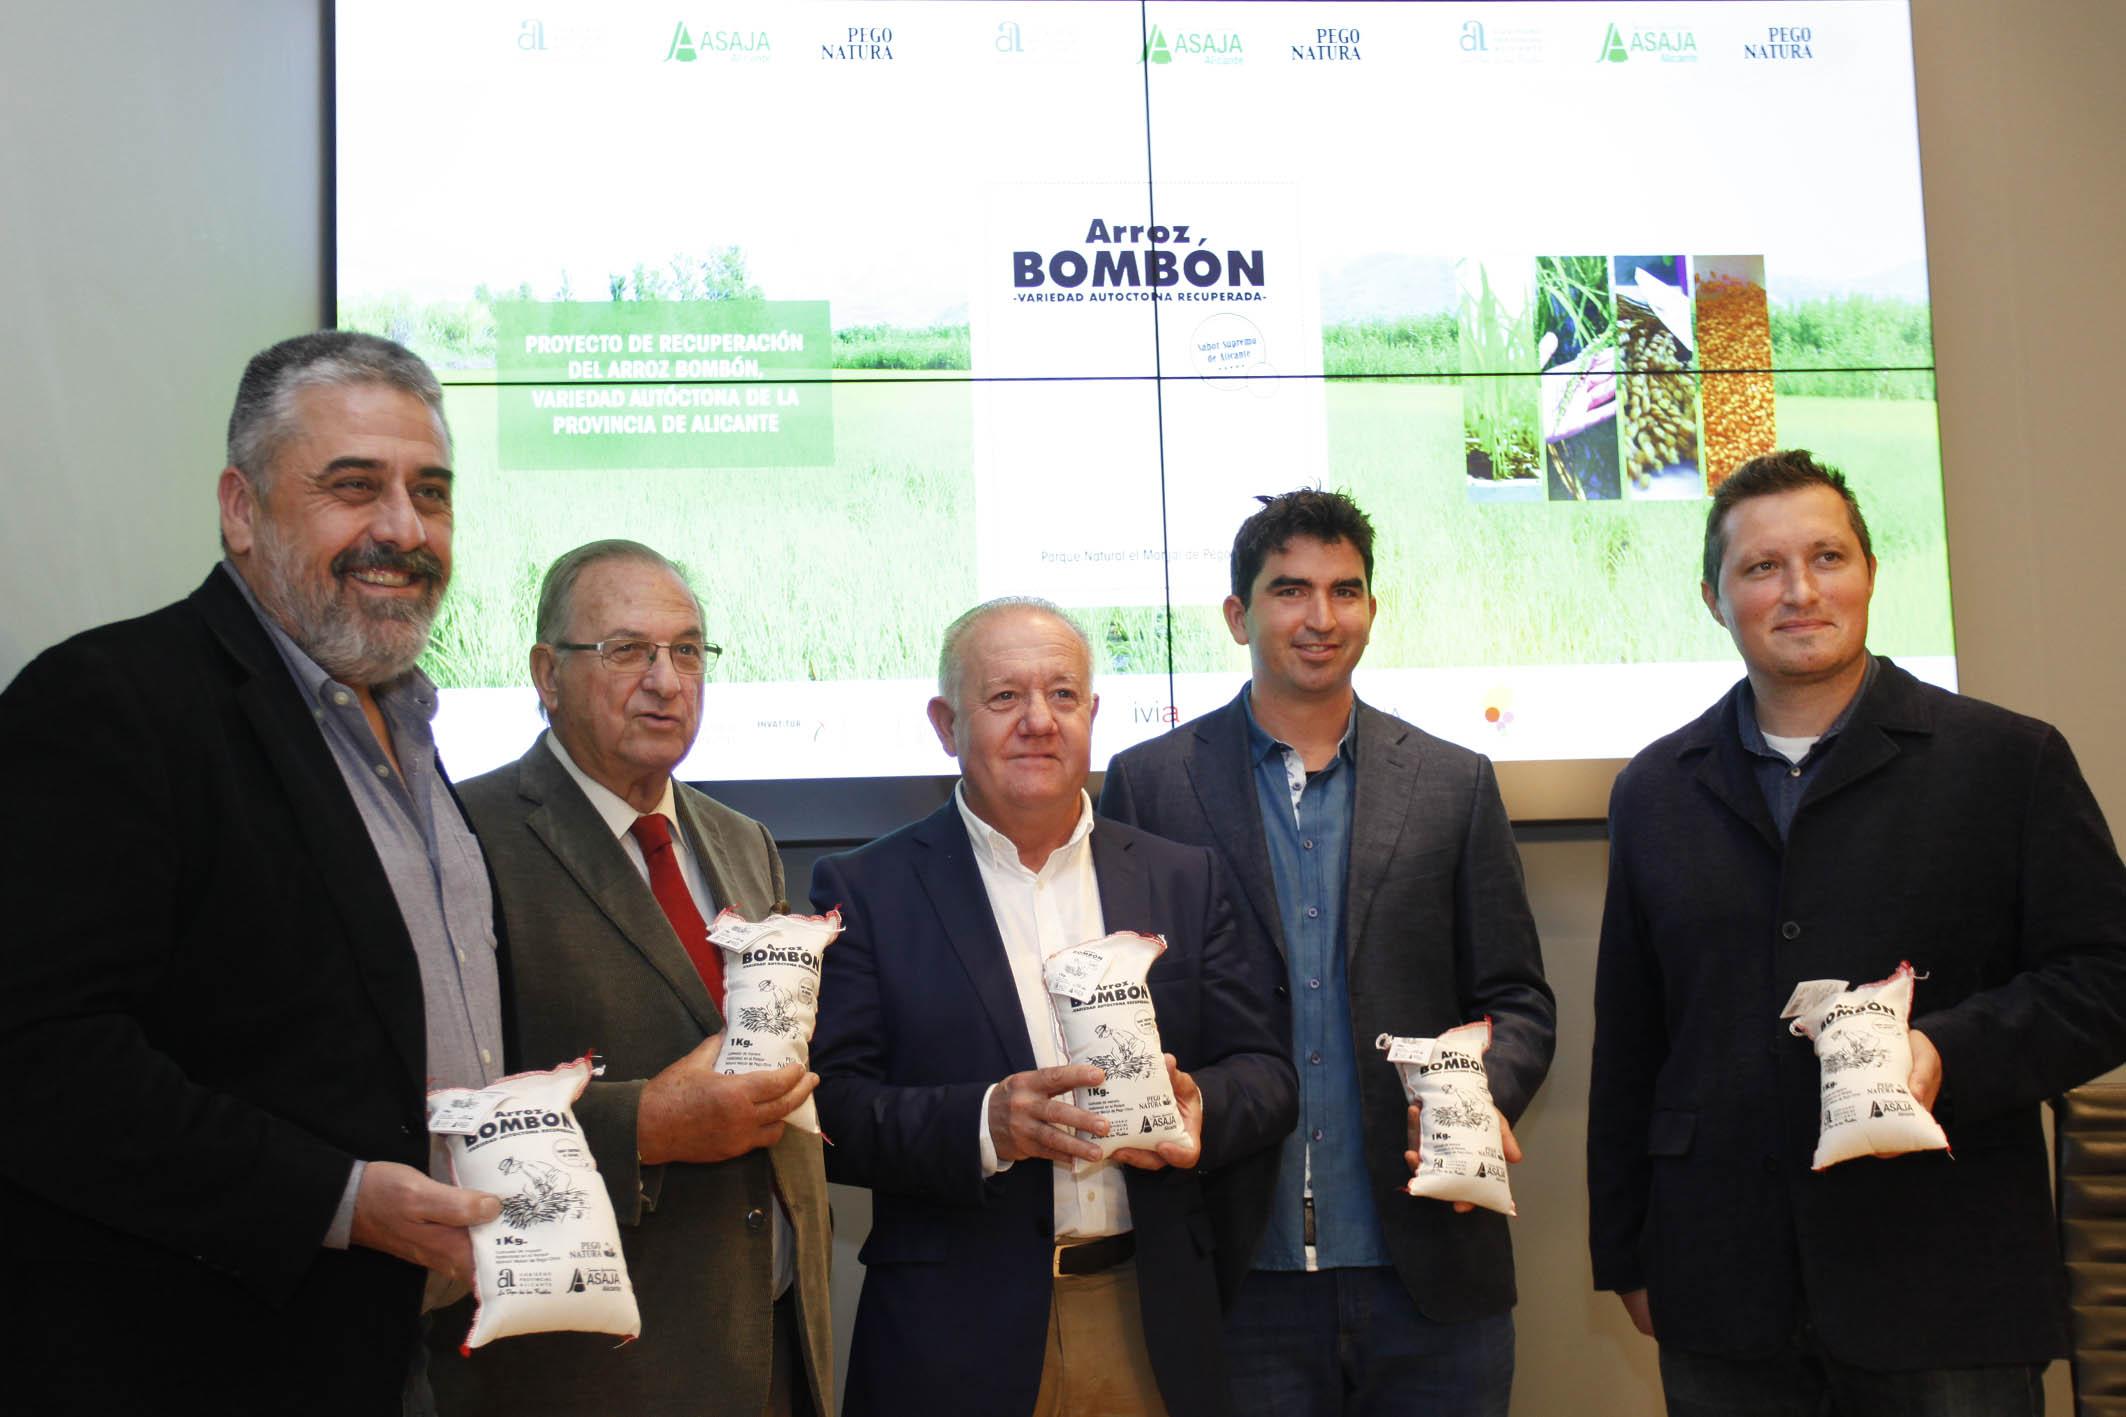 Diputación de Alicante y ASAJA culminan con éxito el proyecto de recuperación de la variedad autóctona de la provincia arroz bombón